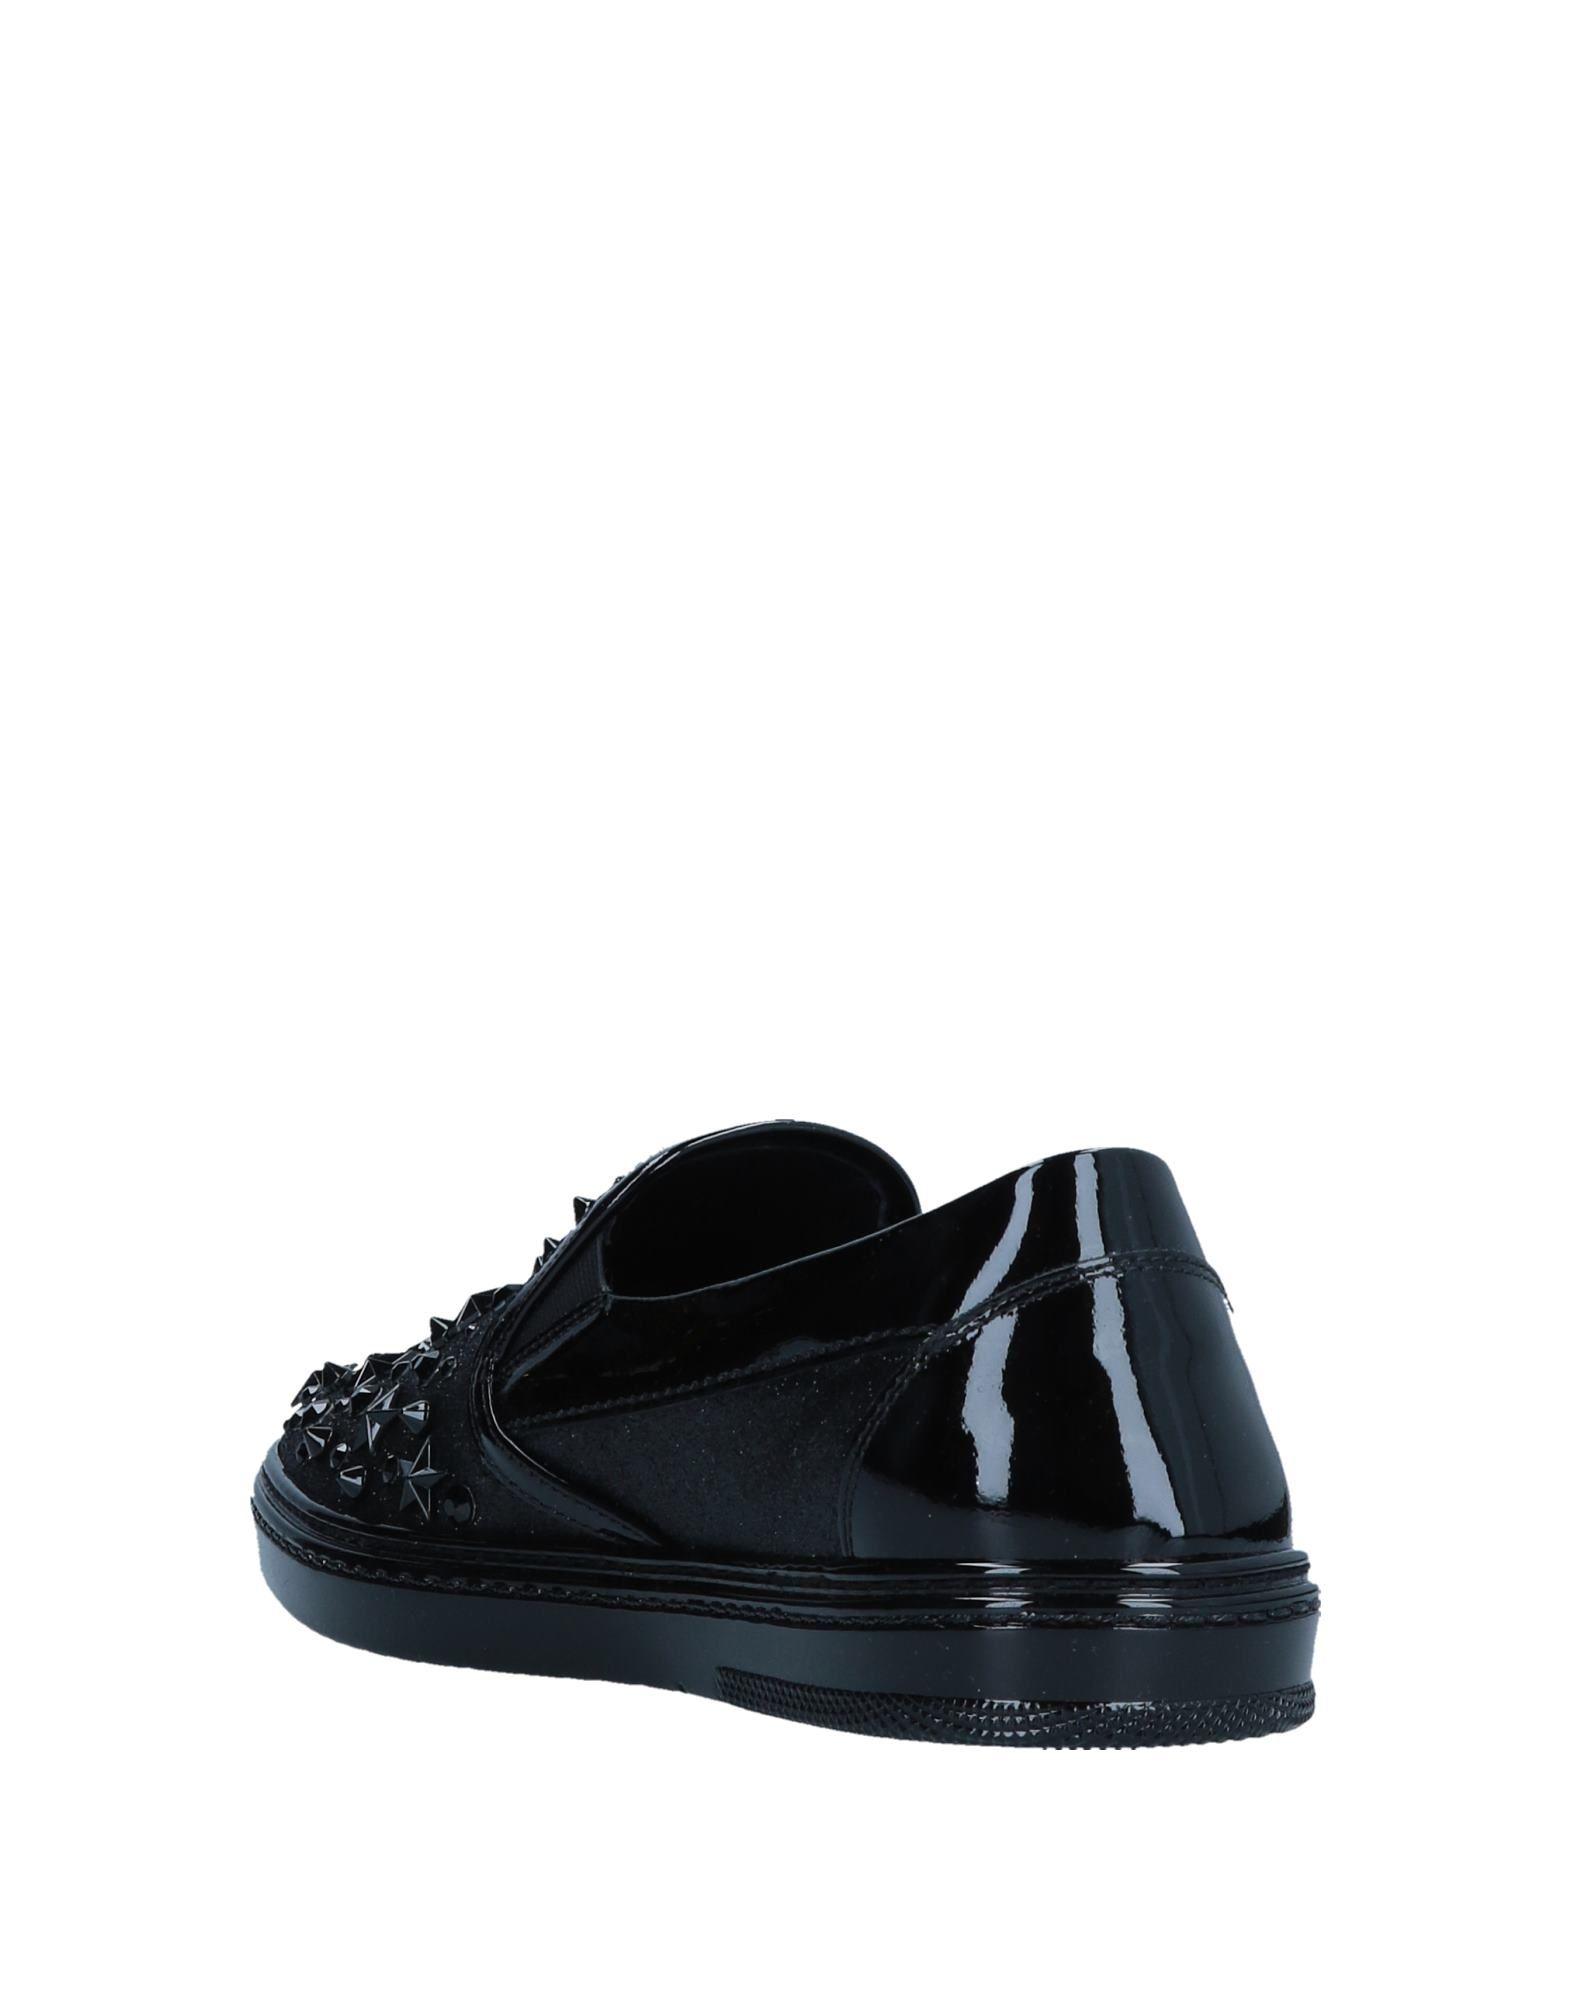 Jimmy Choo Sneakers Qualität Herren  11551985PD Gute Qualität Sneakers beliebte Schuhe 9dffce